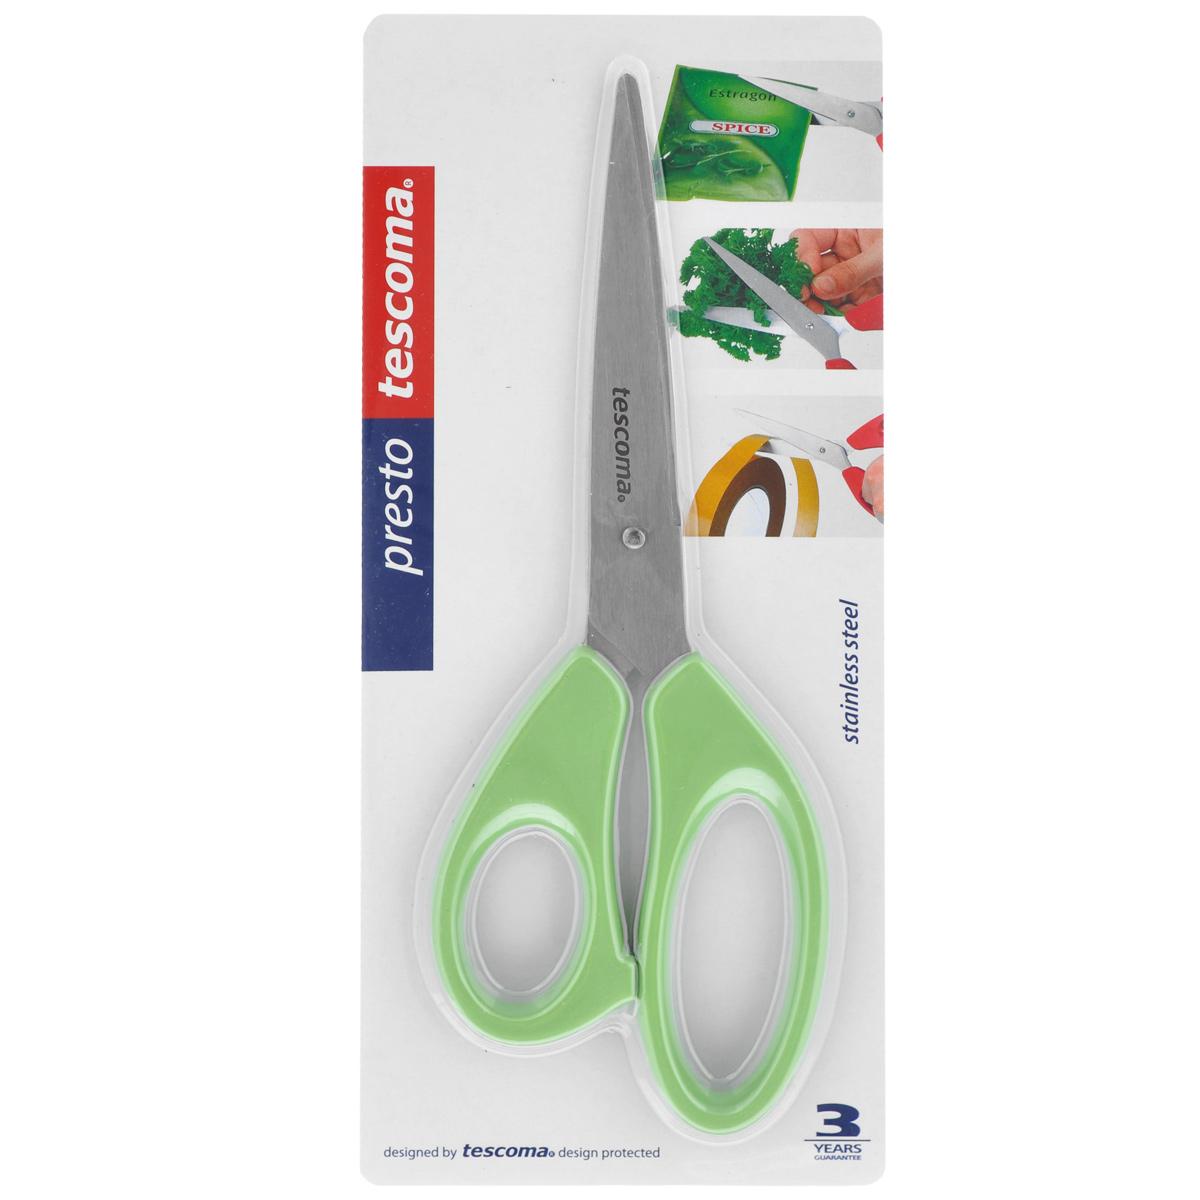 Ножницы Tescoma Presto, цвет: салатовый, длина 22 см888214_салатовыйУниверсальные ножницы Tescoma Presto предназначены для дома и офиса, пригодны для резки всех обычных материалов - бумаги, ткани и т.д. Ими также удобно нарезать зелень, разрезать пакеты. Лезвия изготовлены из первоклассной нержавеющей стали, а рукоятки - из пластика. Длина ножниц: 22 см.